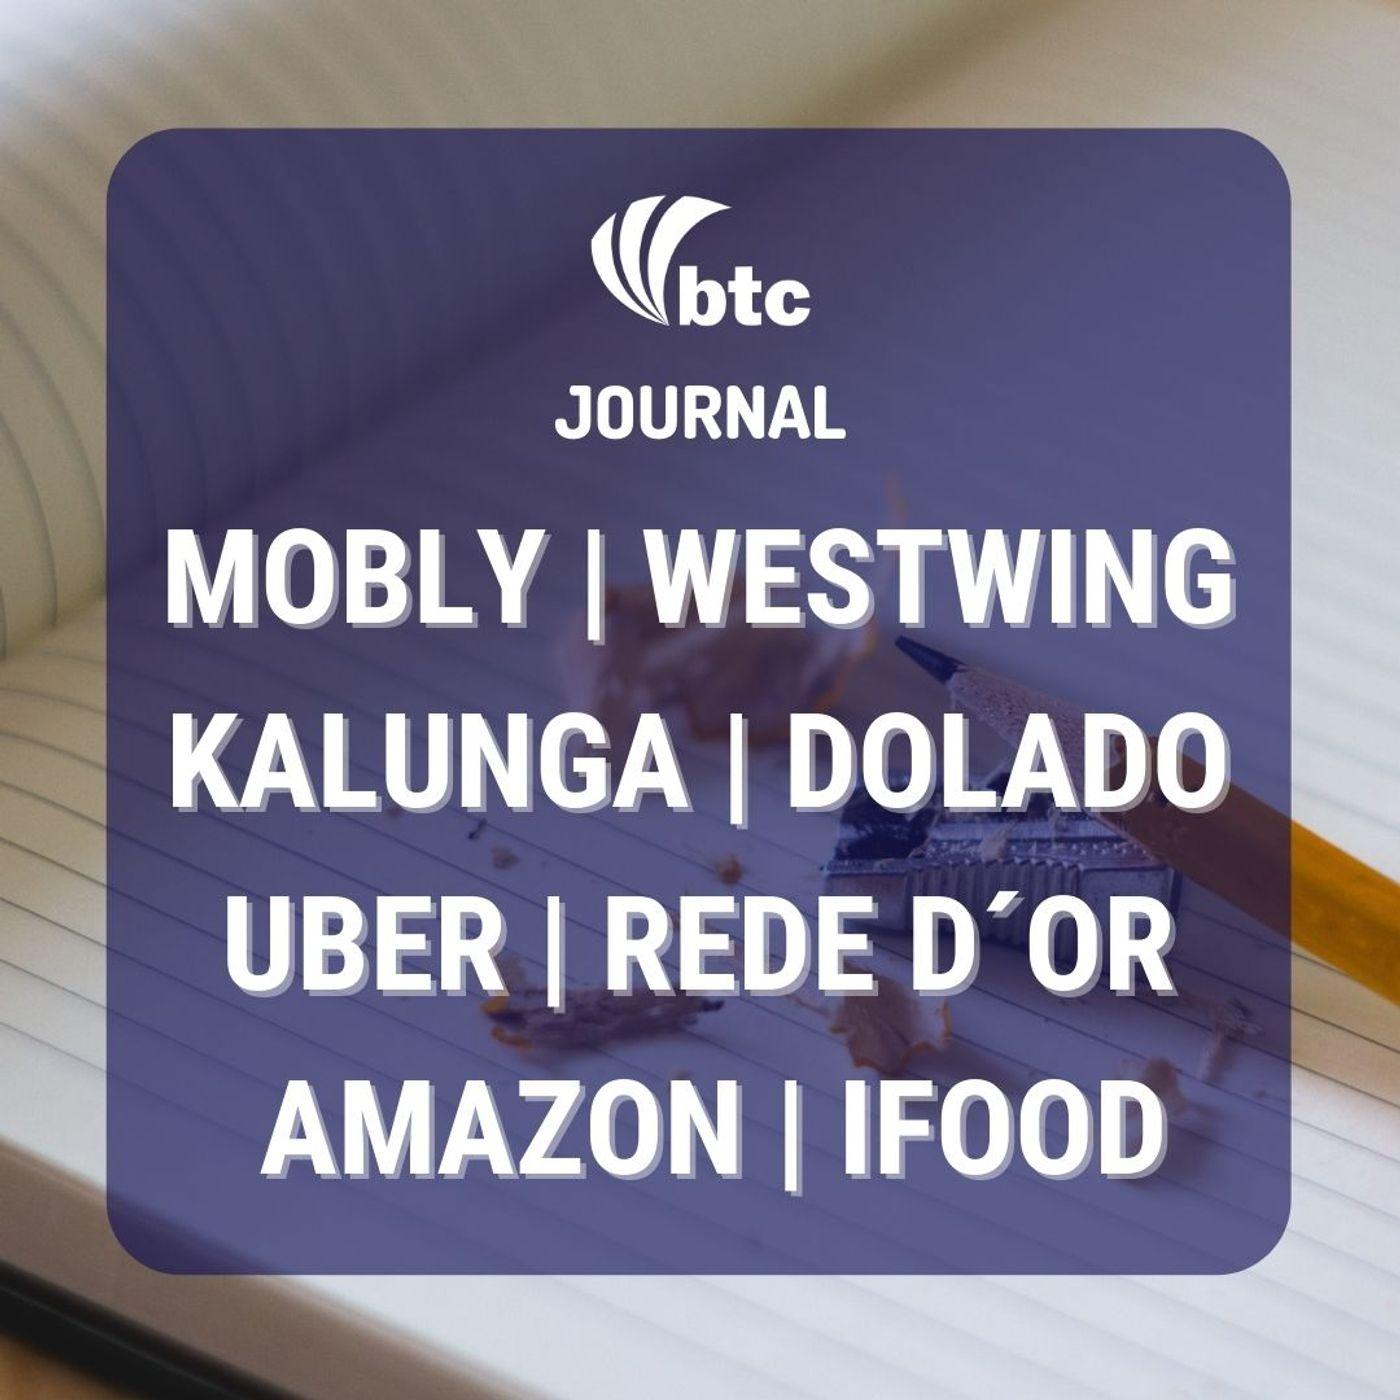 IPO Mobly, Westwing e Kalunga   Dolado, Uber, Rede D´Or e Dasa   BTC Journal 10/12/20